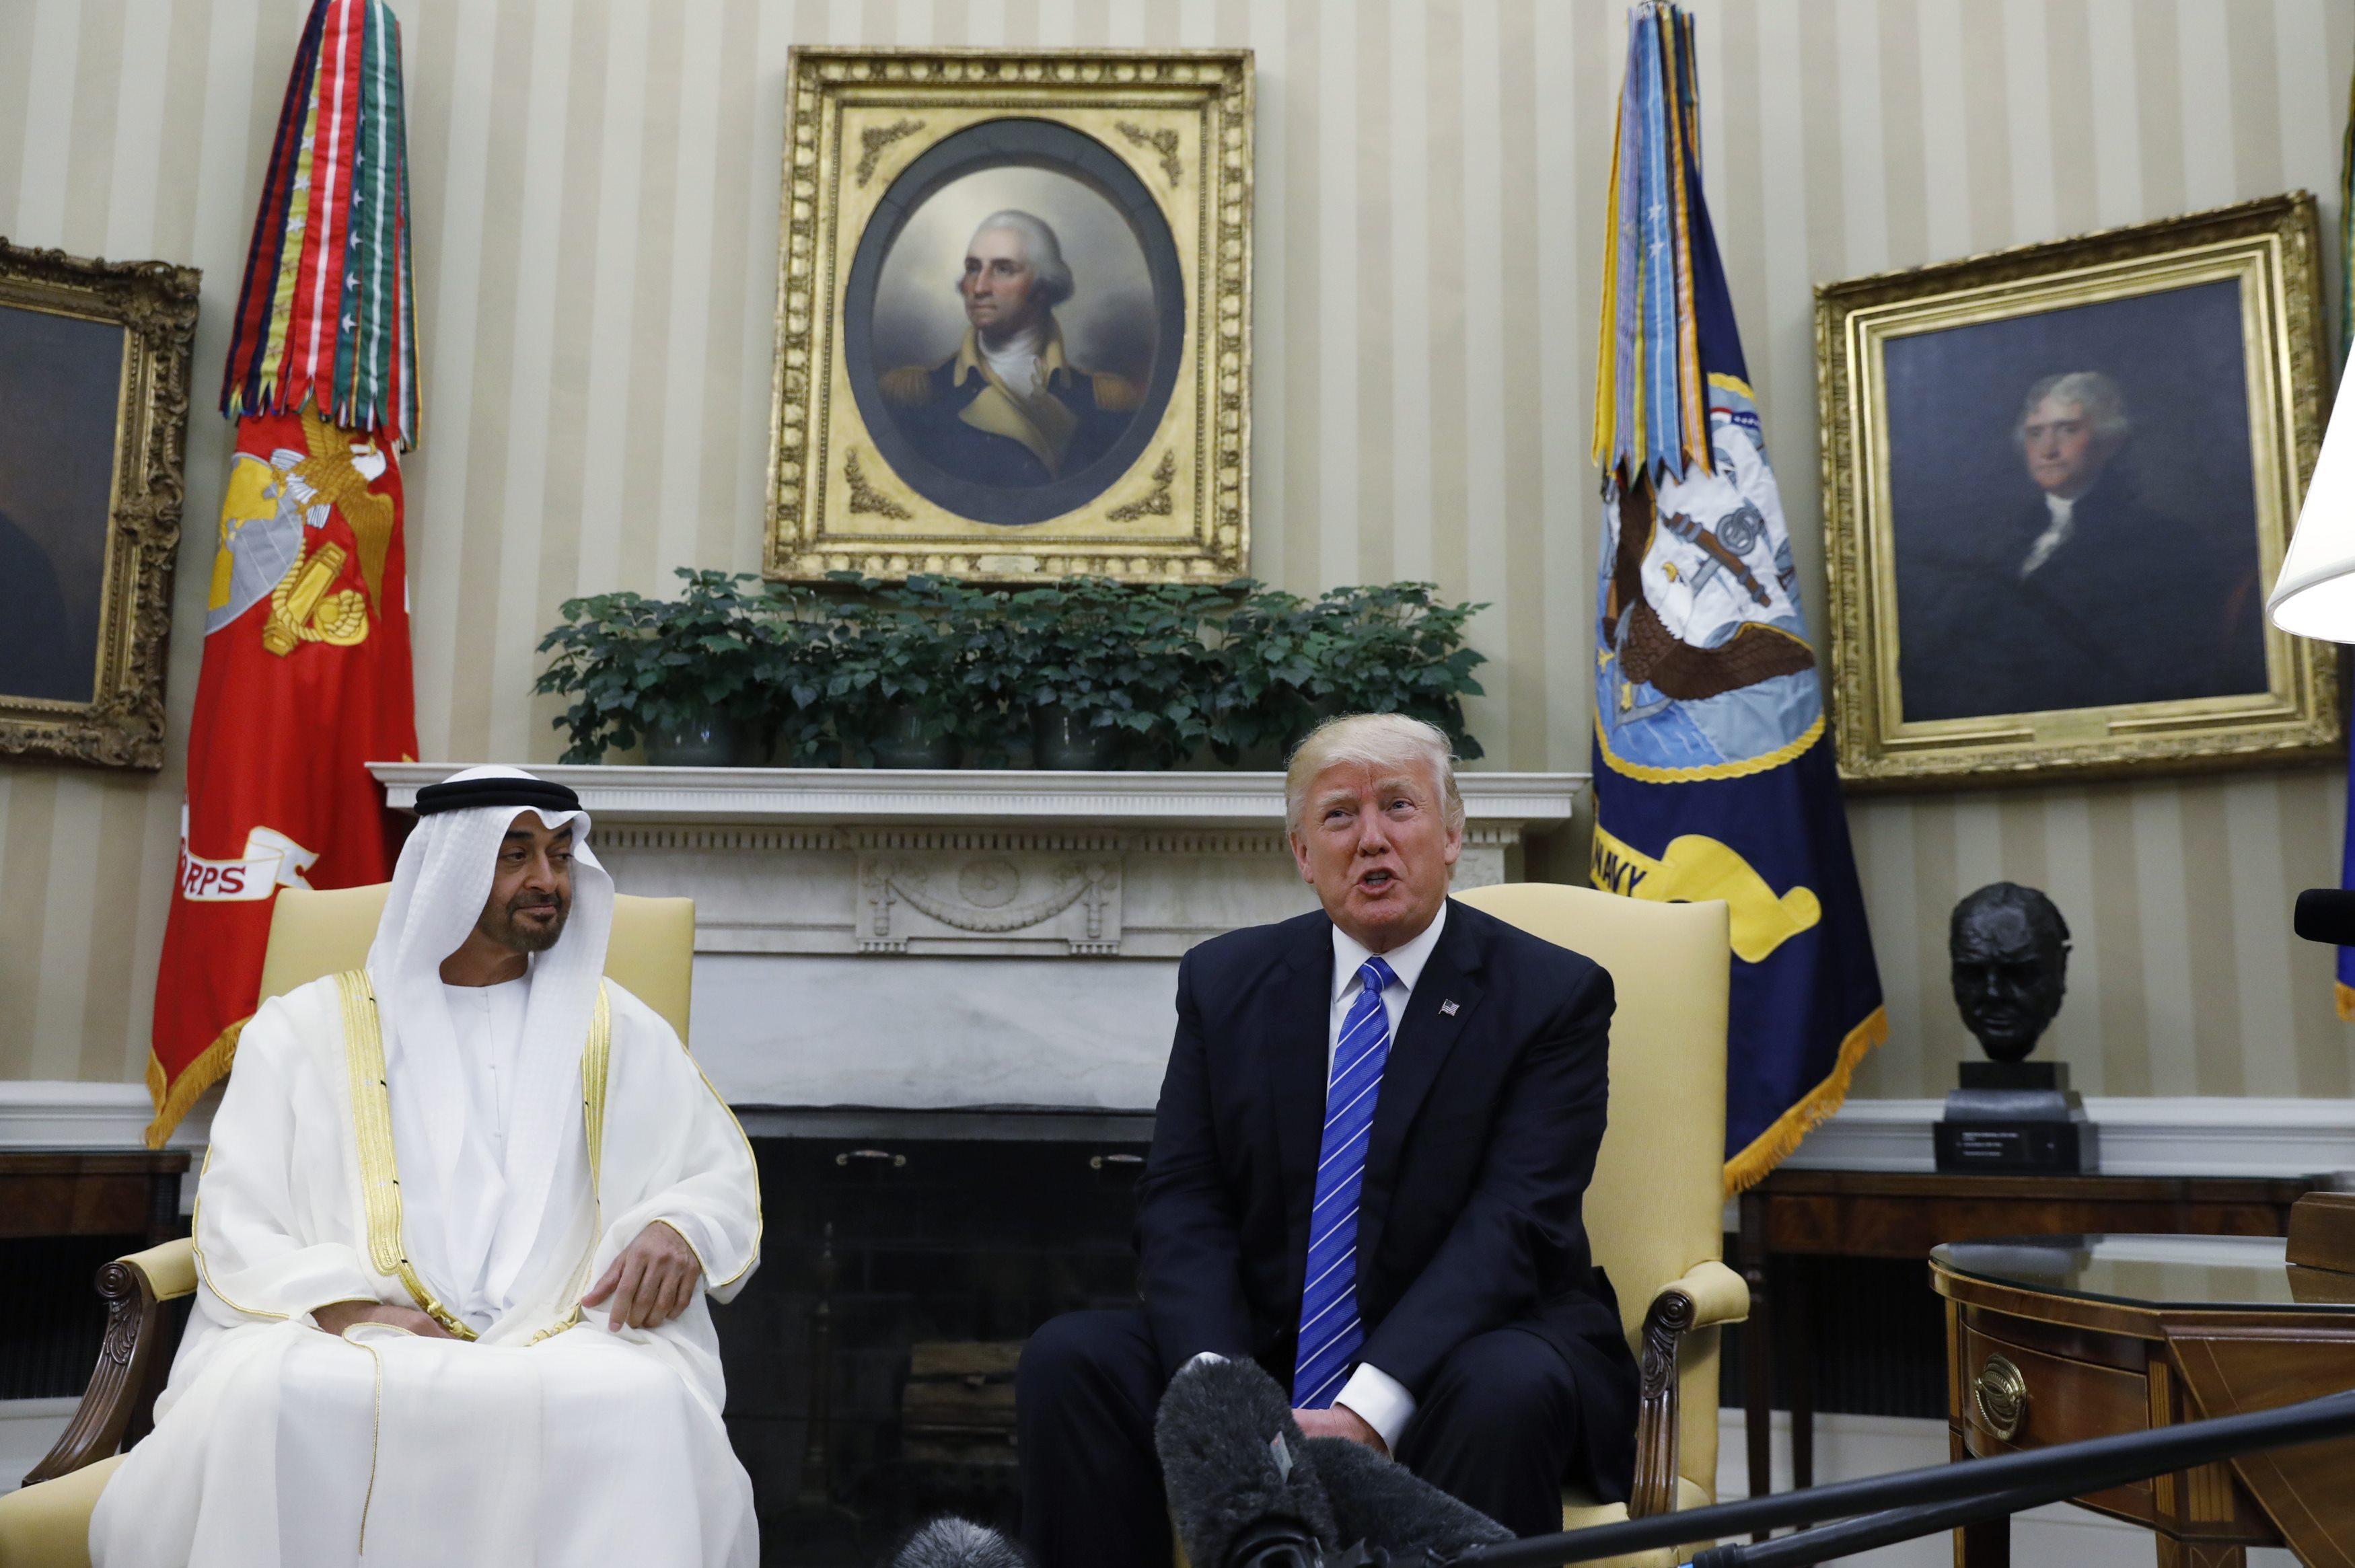 ولى عهد أبو ظبى الشيخ محمد بن زايد آل نهيان يلتقى الرئيس الامريكي دونالد ترامب في المكتب البيضاوي